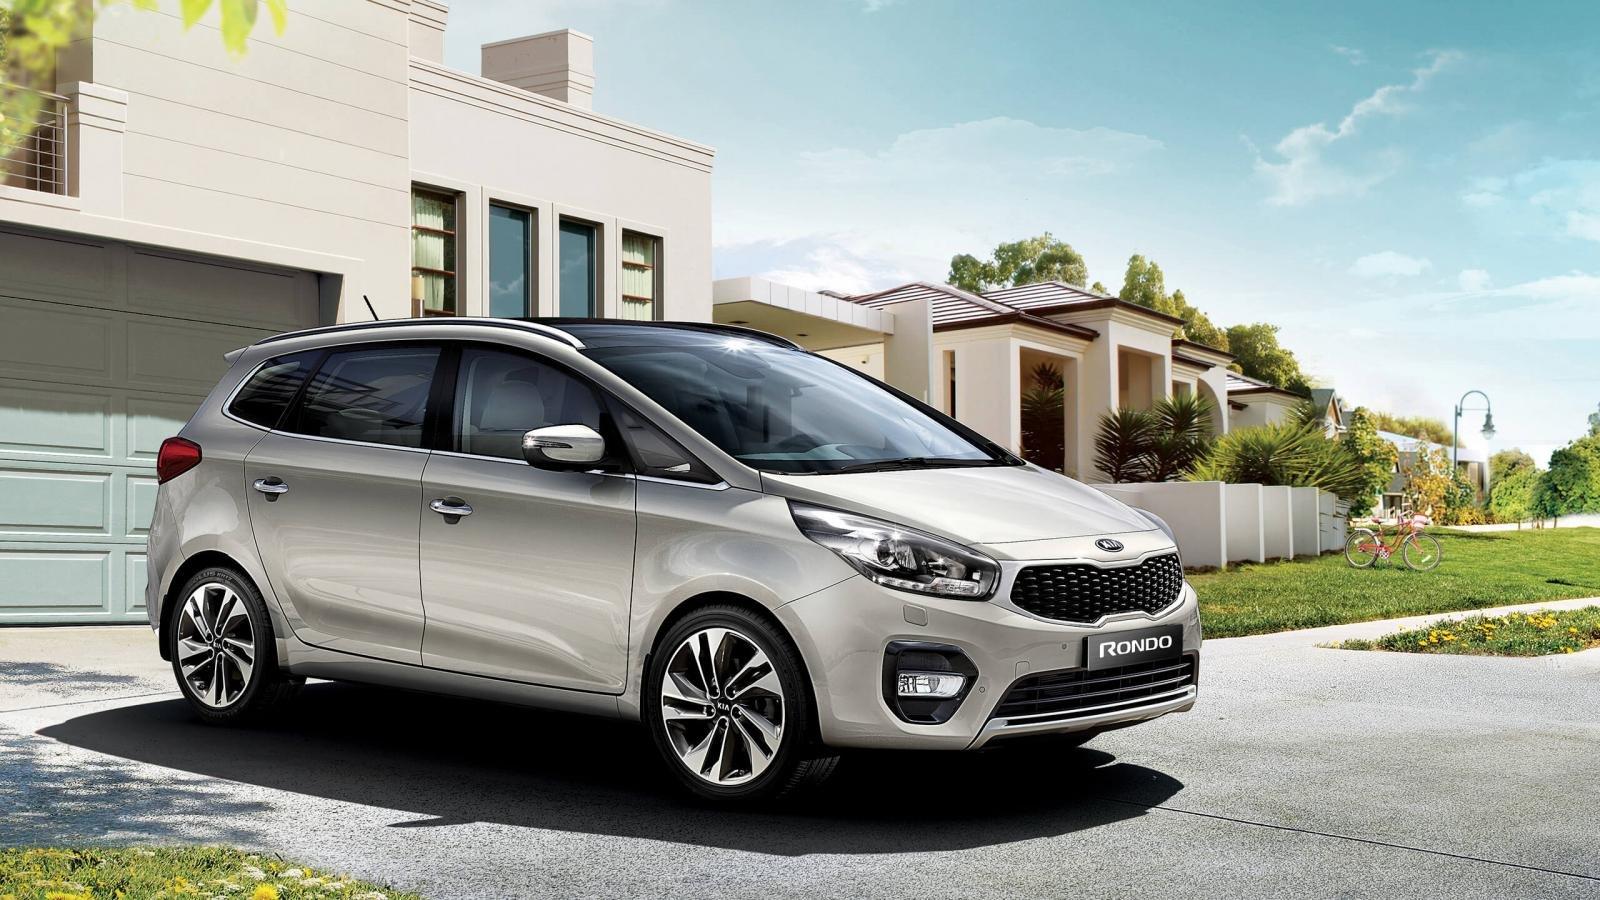 Giá xe Kia Rondo 2021 mới nhất.